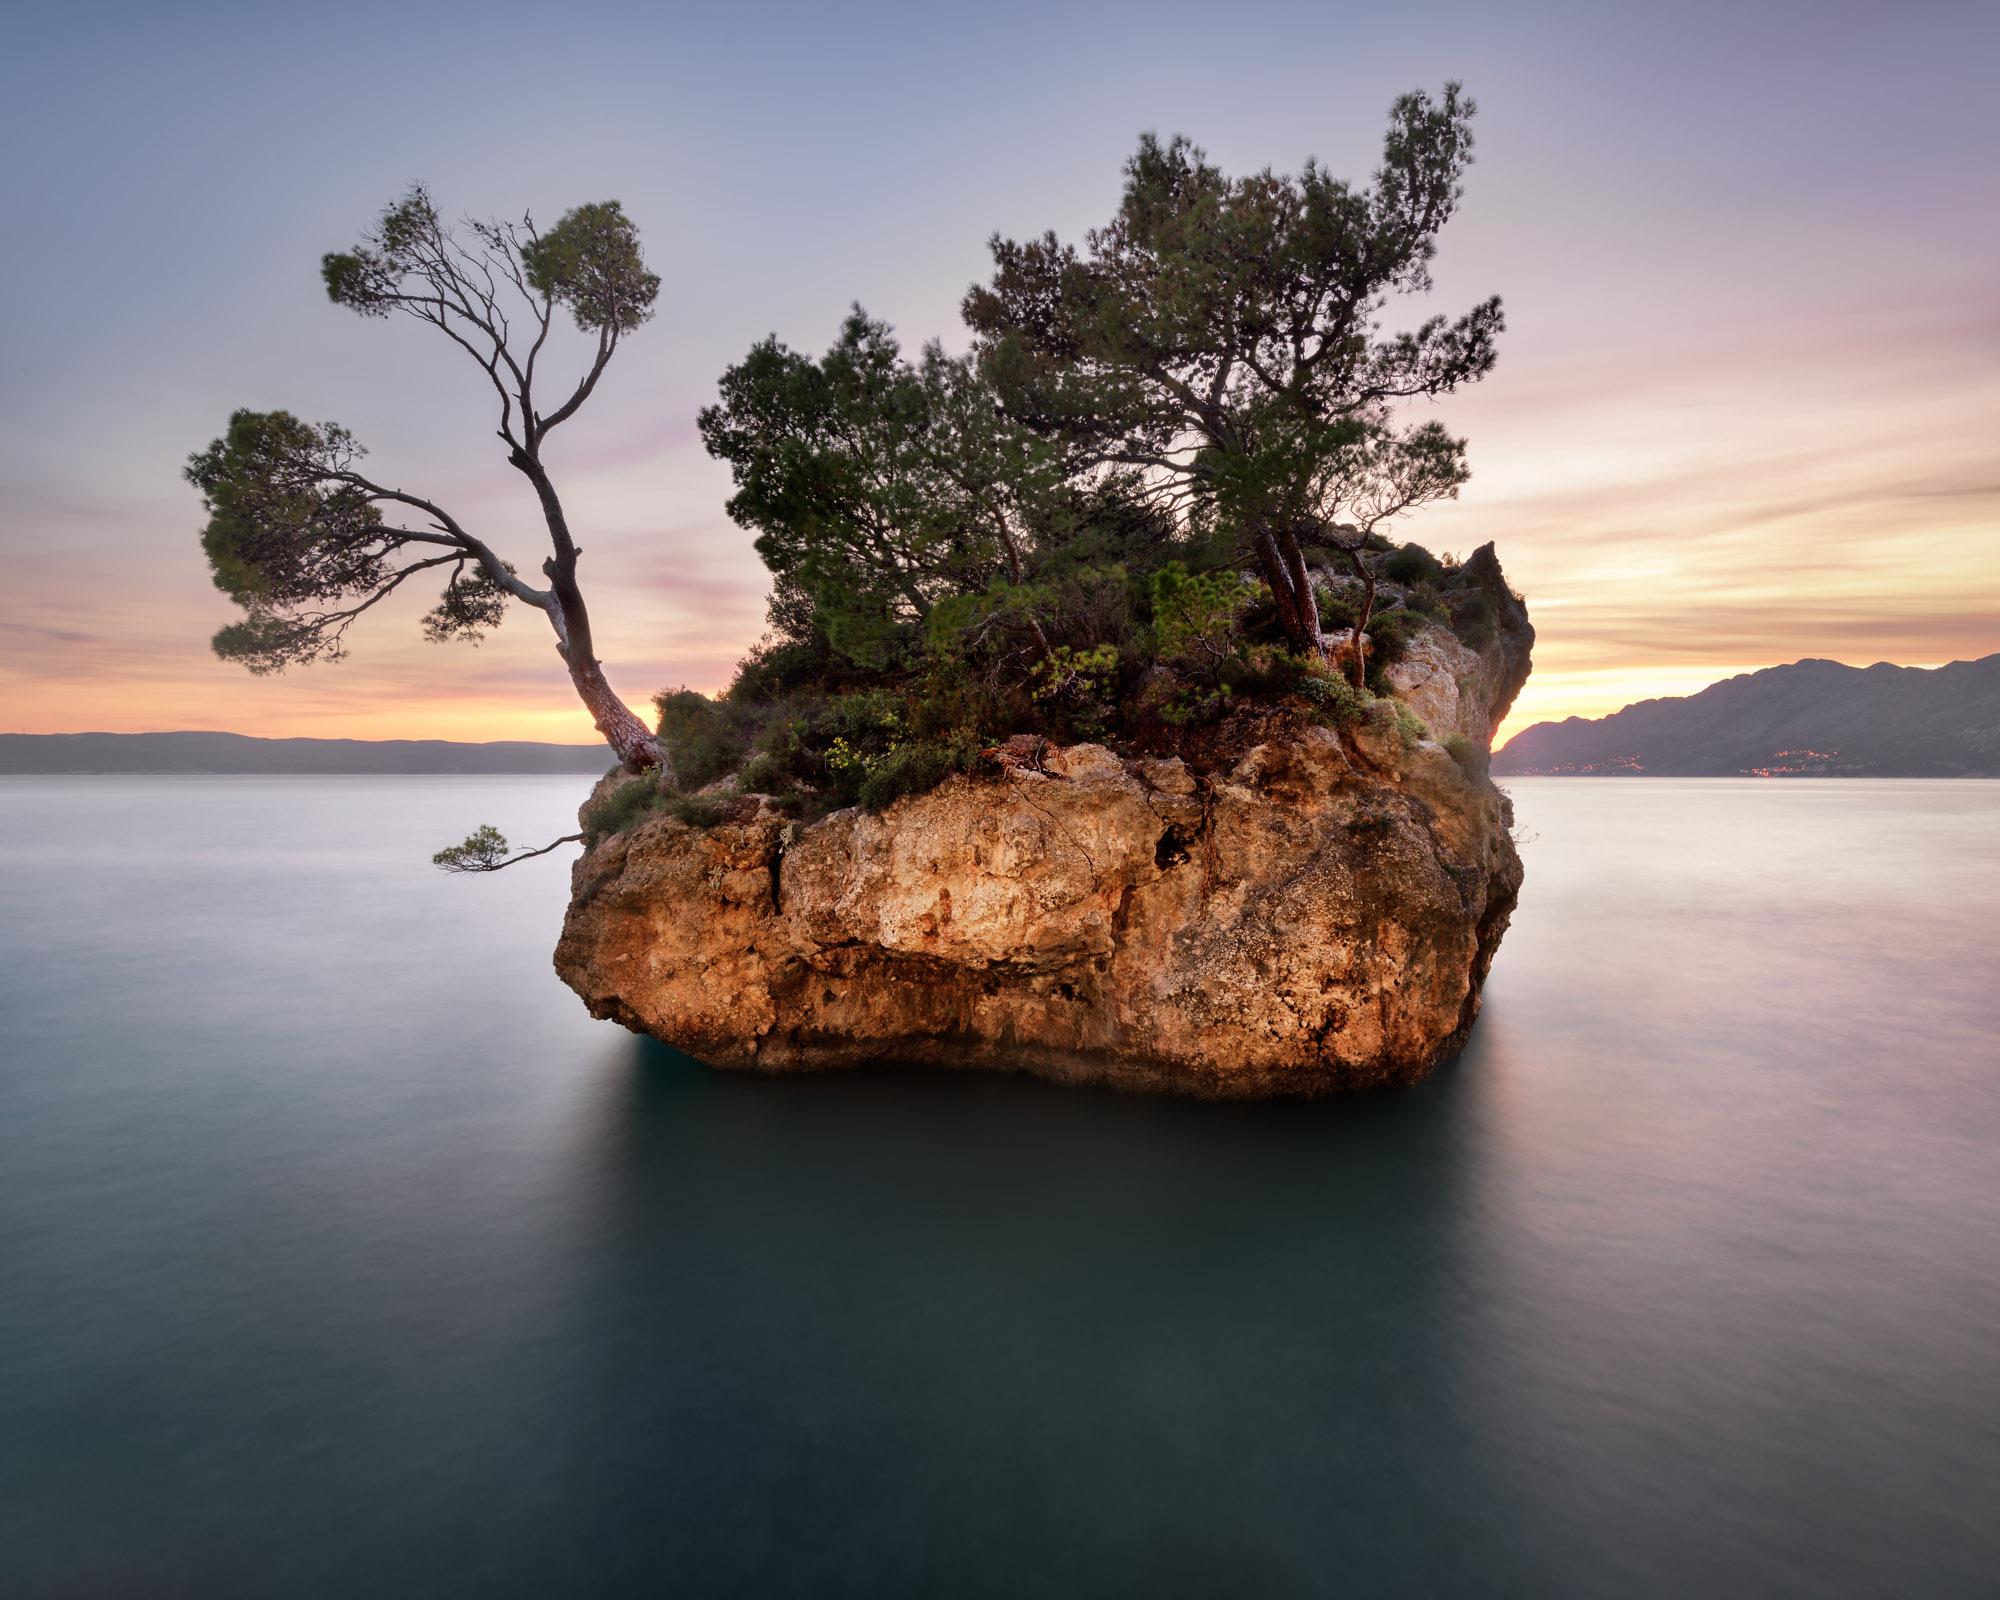 Brela Rock at Sunset, Dalmatia, Croatia